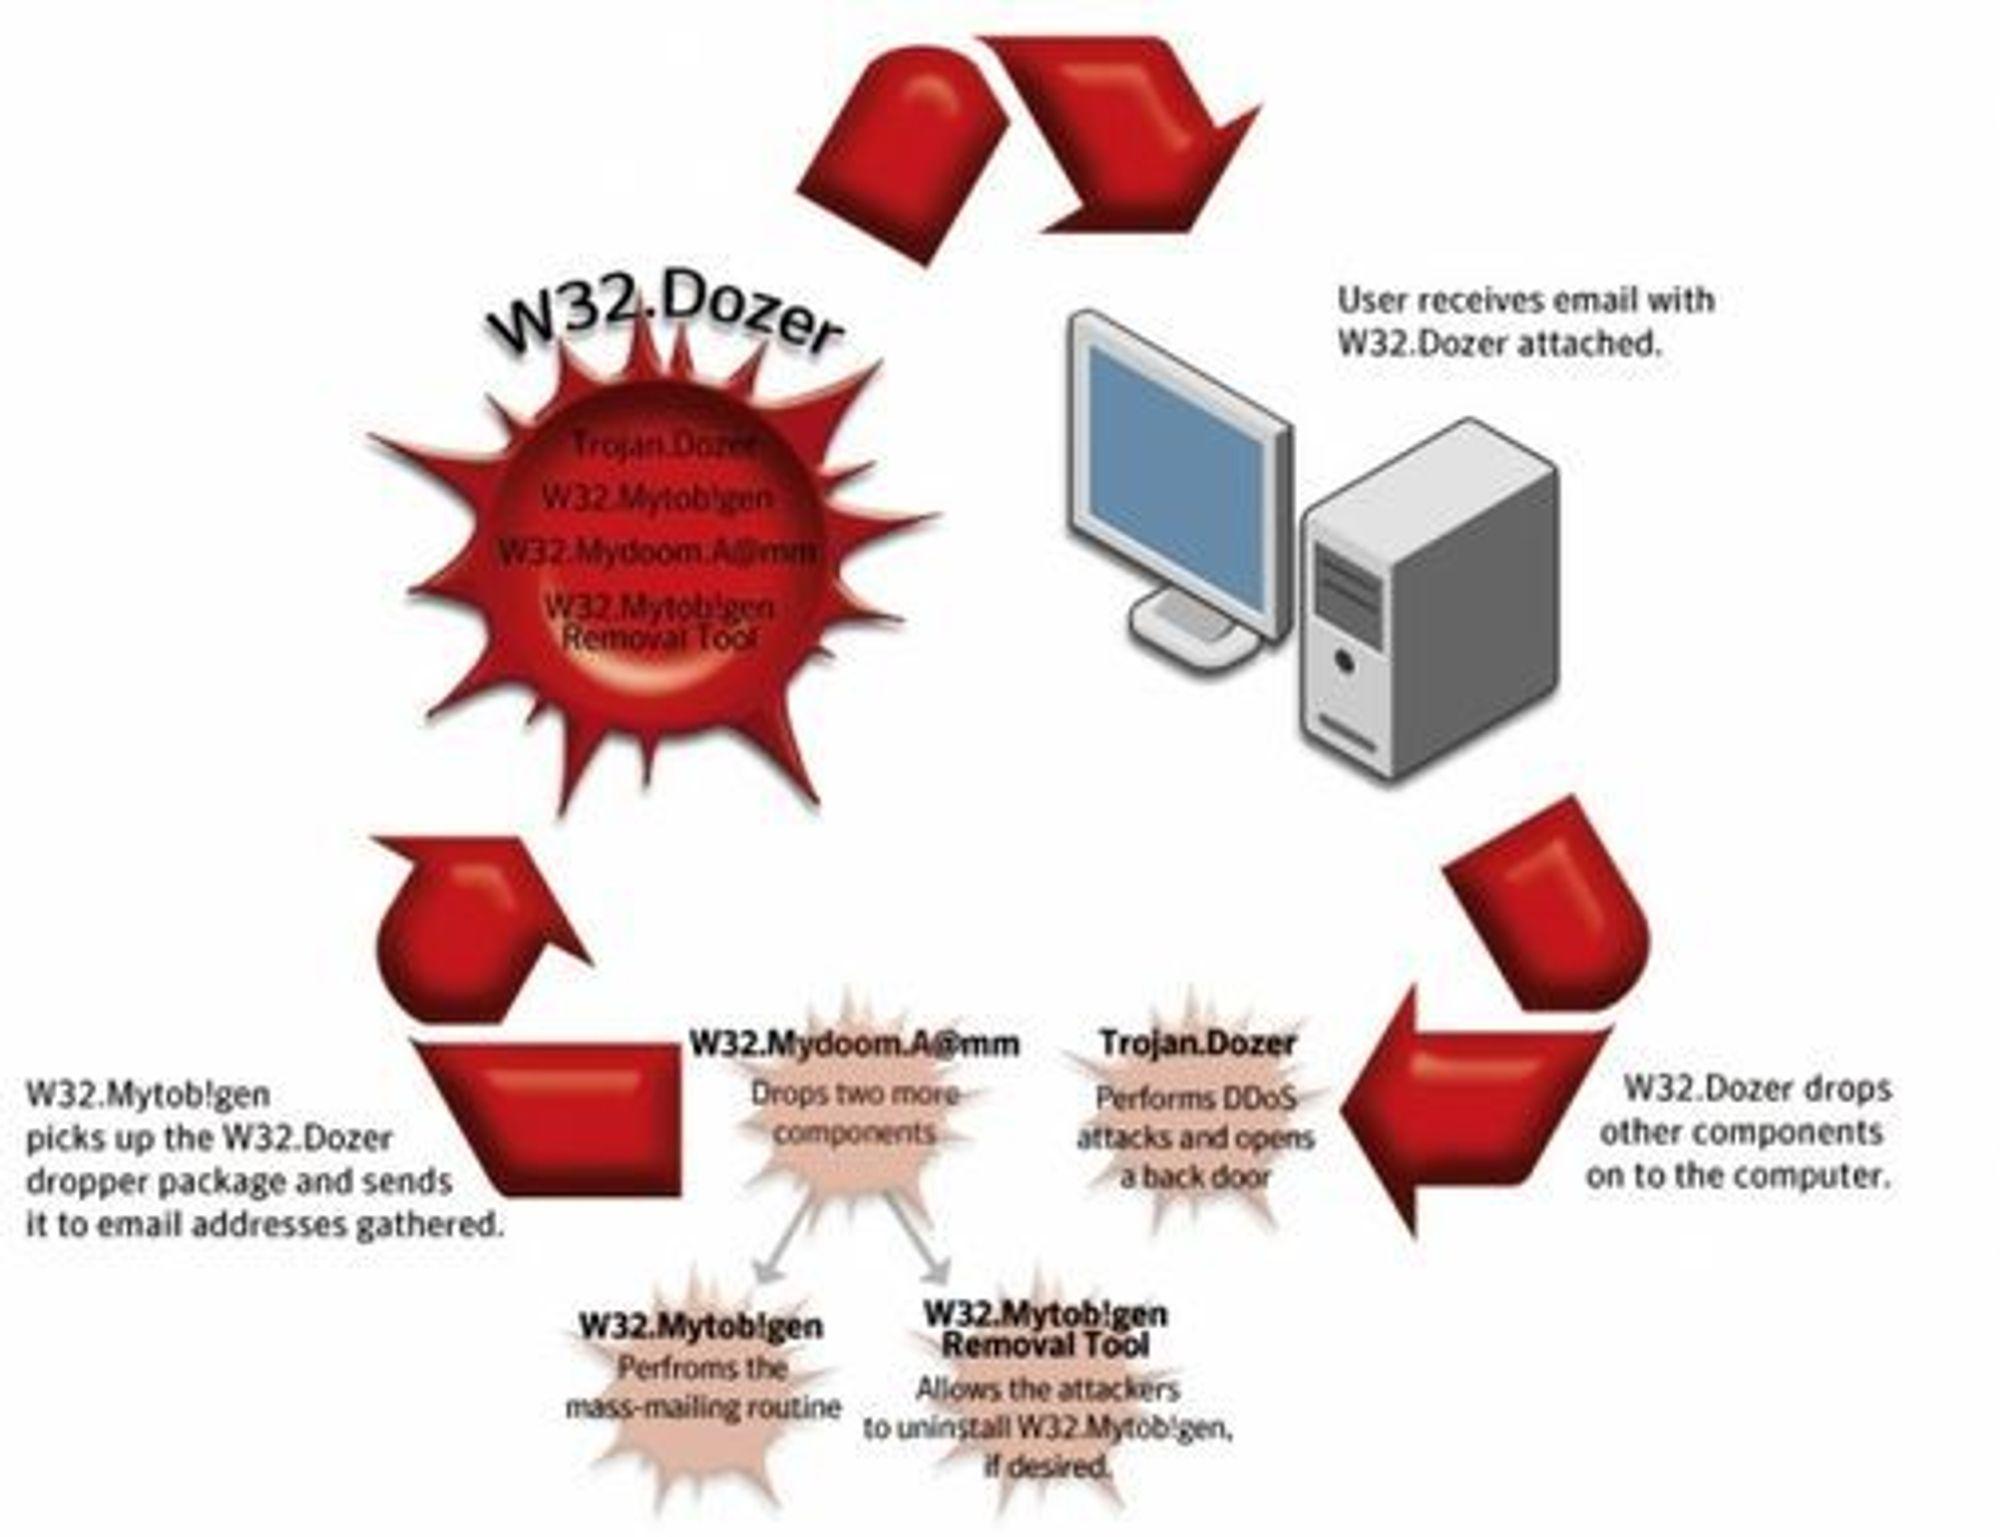 Dette er Symantecs forklaring på de forskjellige komponentene av ondsinnet kode som er brukt i tjenestenektangrepene mot Sør-Korea og USA.